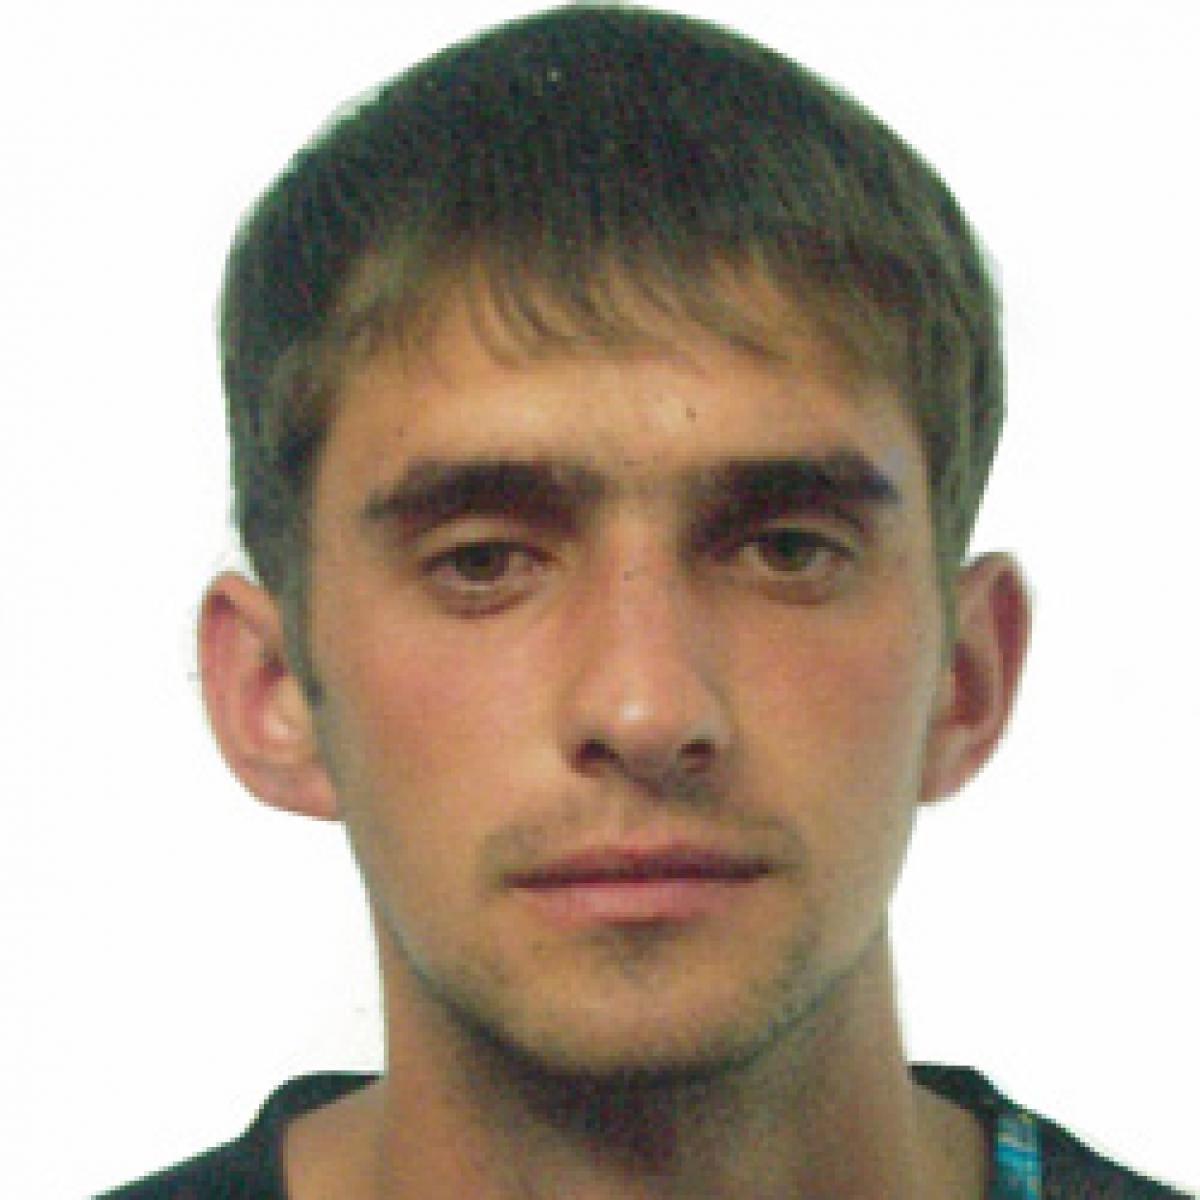 Останки військового виявили у могилі його командира / ukraine-memorial.org